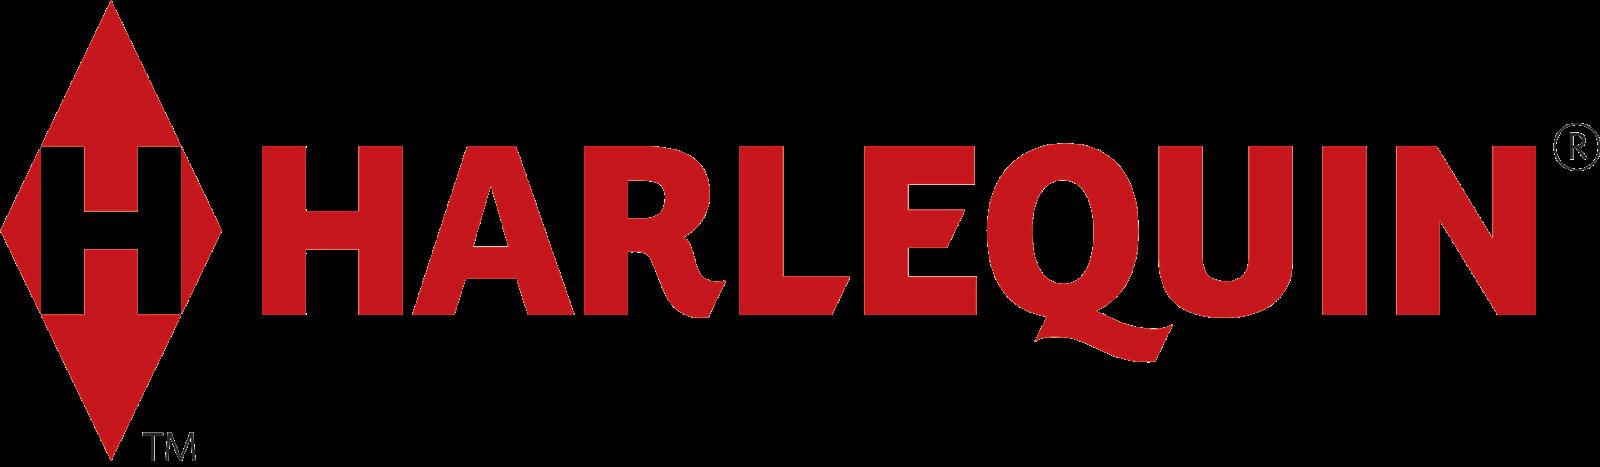 http://www.harlequinportugal.com/?gclid=CJbJ1P2c_r0CFZDKtAodFS4AKA